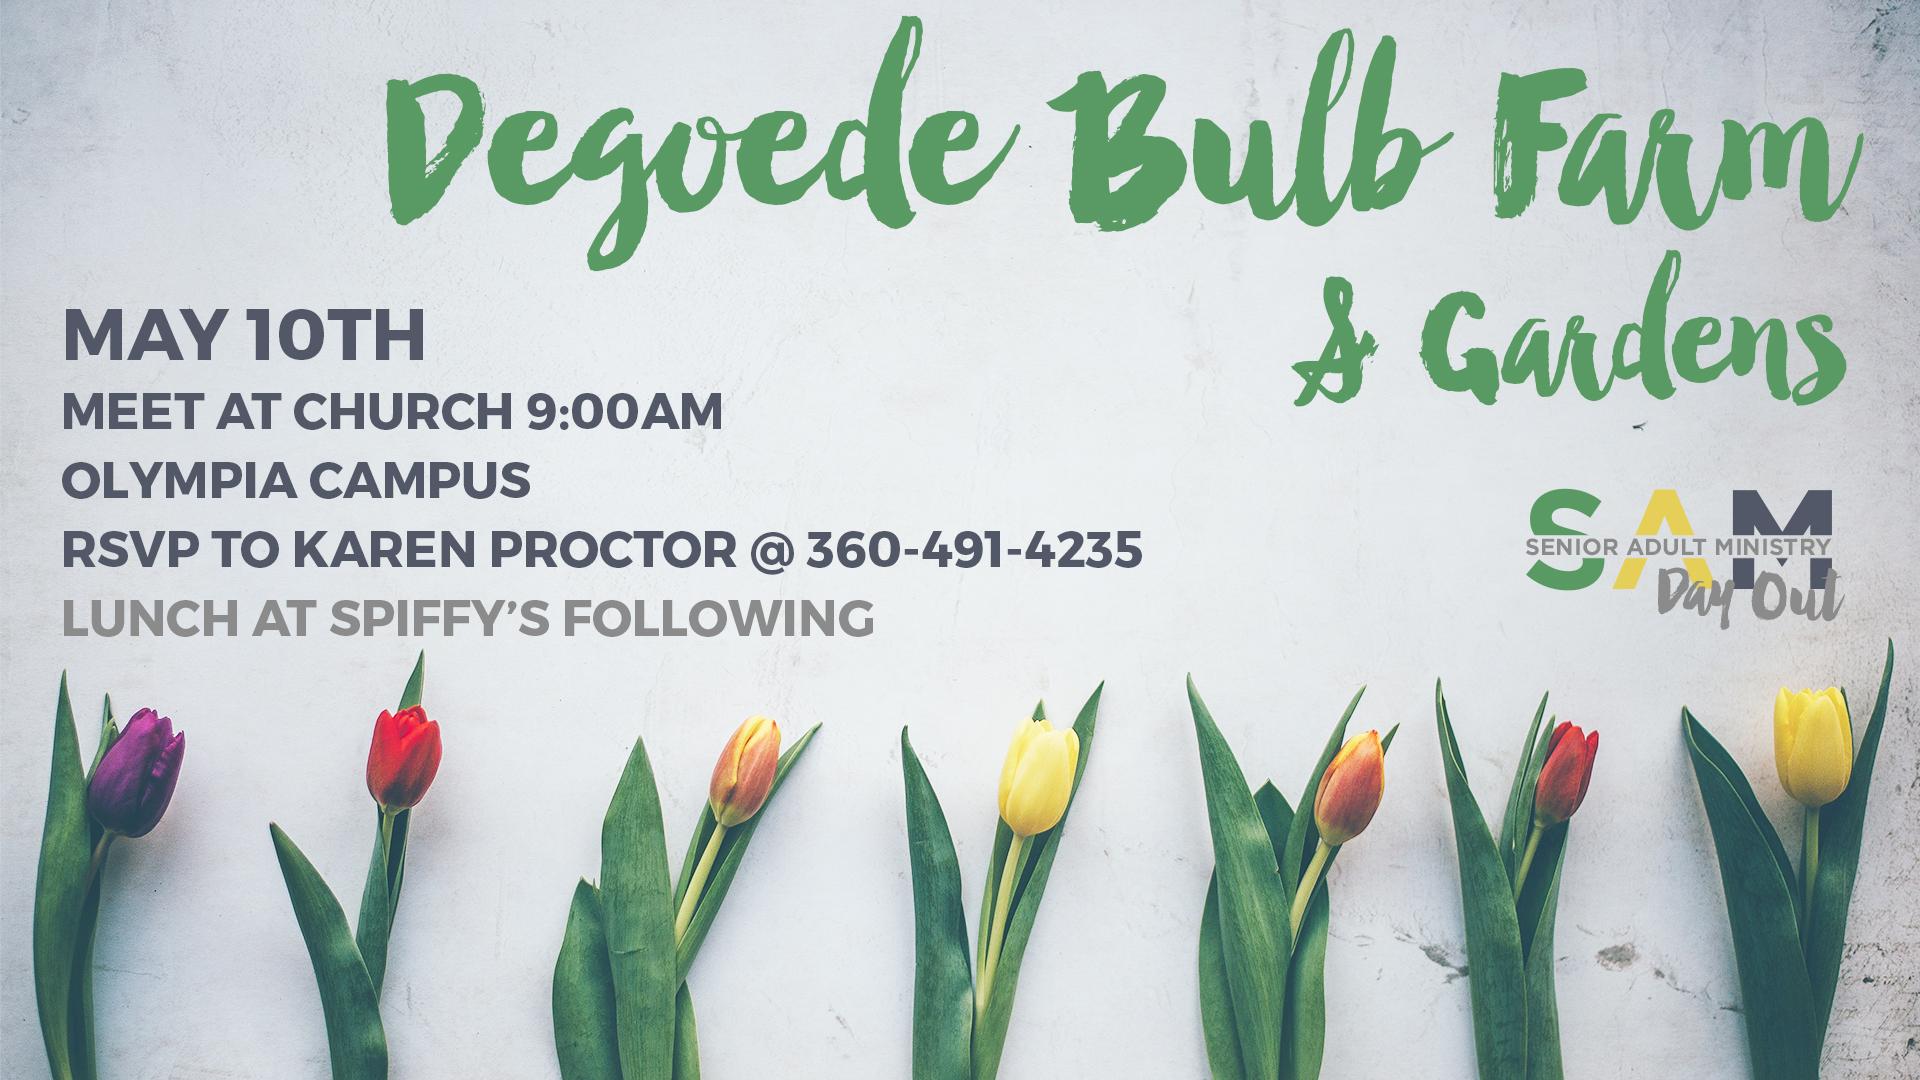 Degoede Bulb Farm Announcement Slide (1).jpg